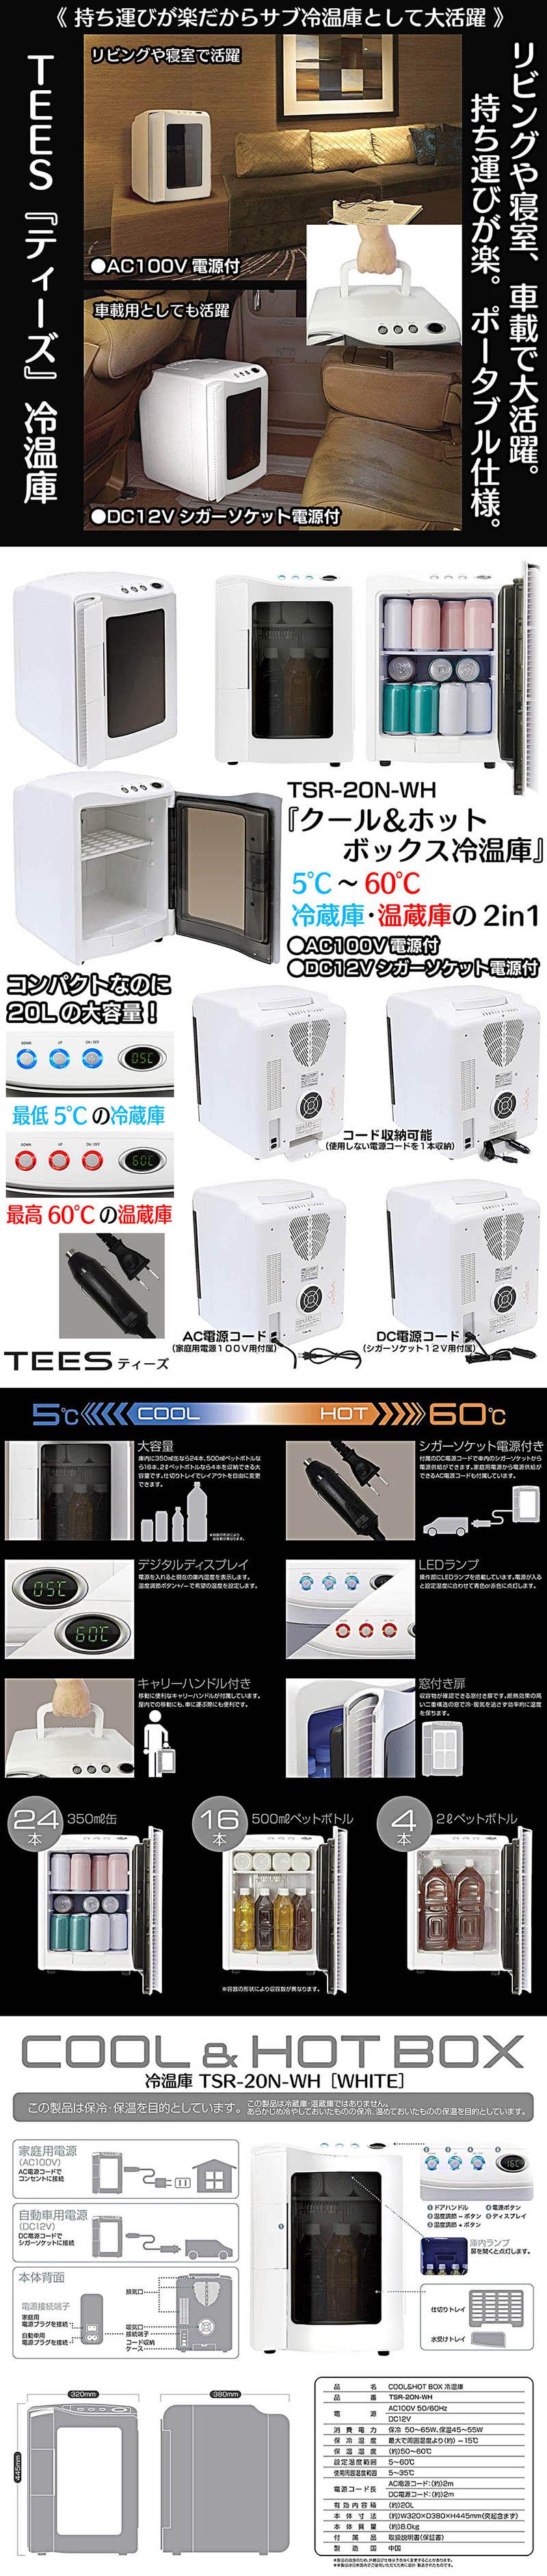 [TEES/ティーズ冷温庫 クール&ホット2in1ボックス冷蔵庫/温蔵庫/冷温庫20L大容量]車載DC12Vシガーソケット電源&家庭AC100V電源付/5°C〜60°C設定/TSR-20N-WH